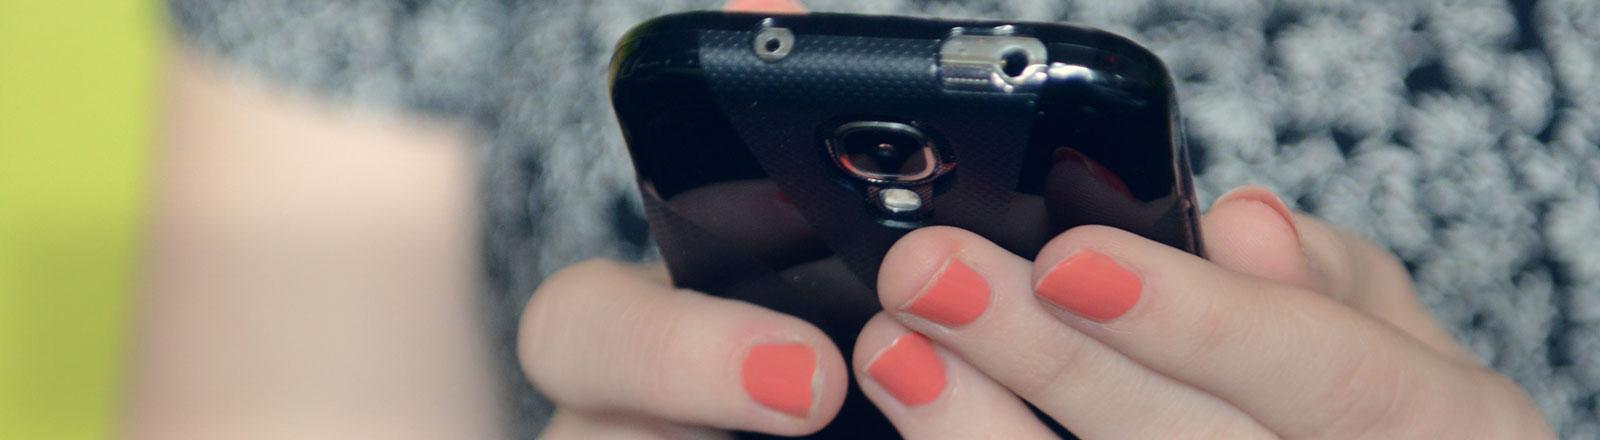 Eine Frau hält ein Smartphone in ihren Händen.